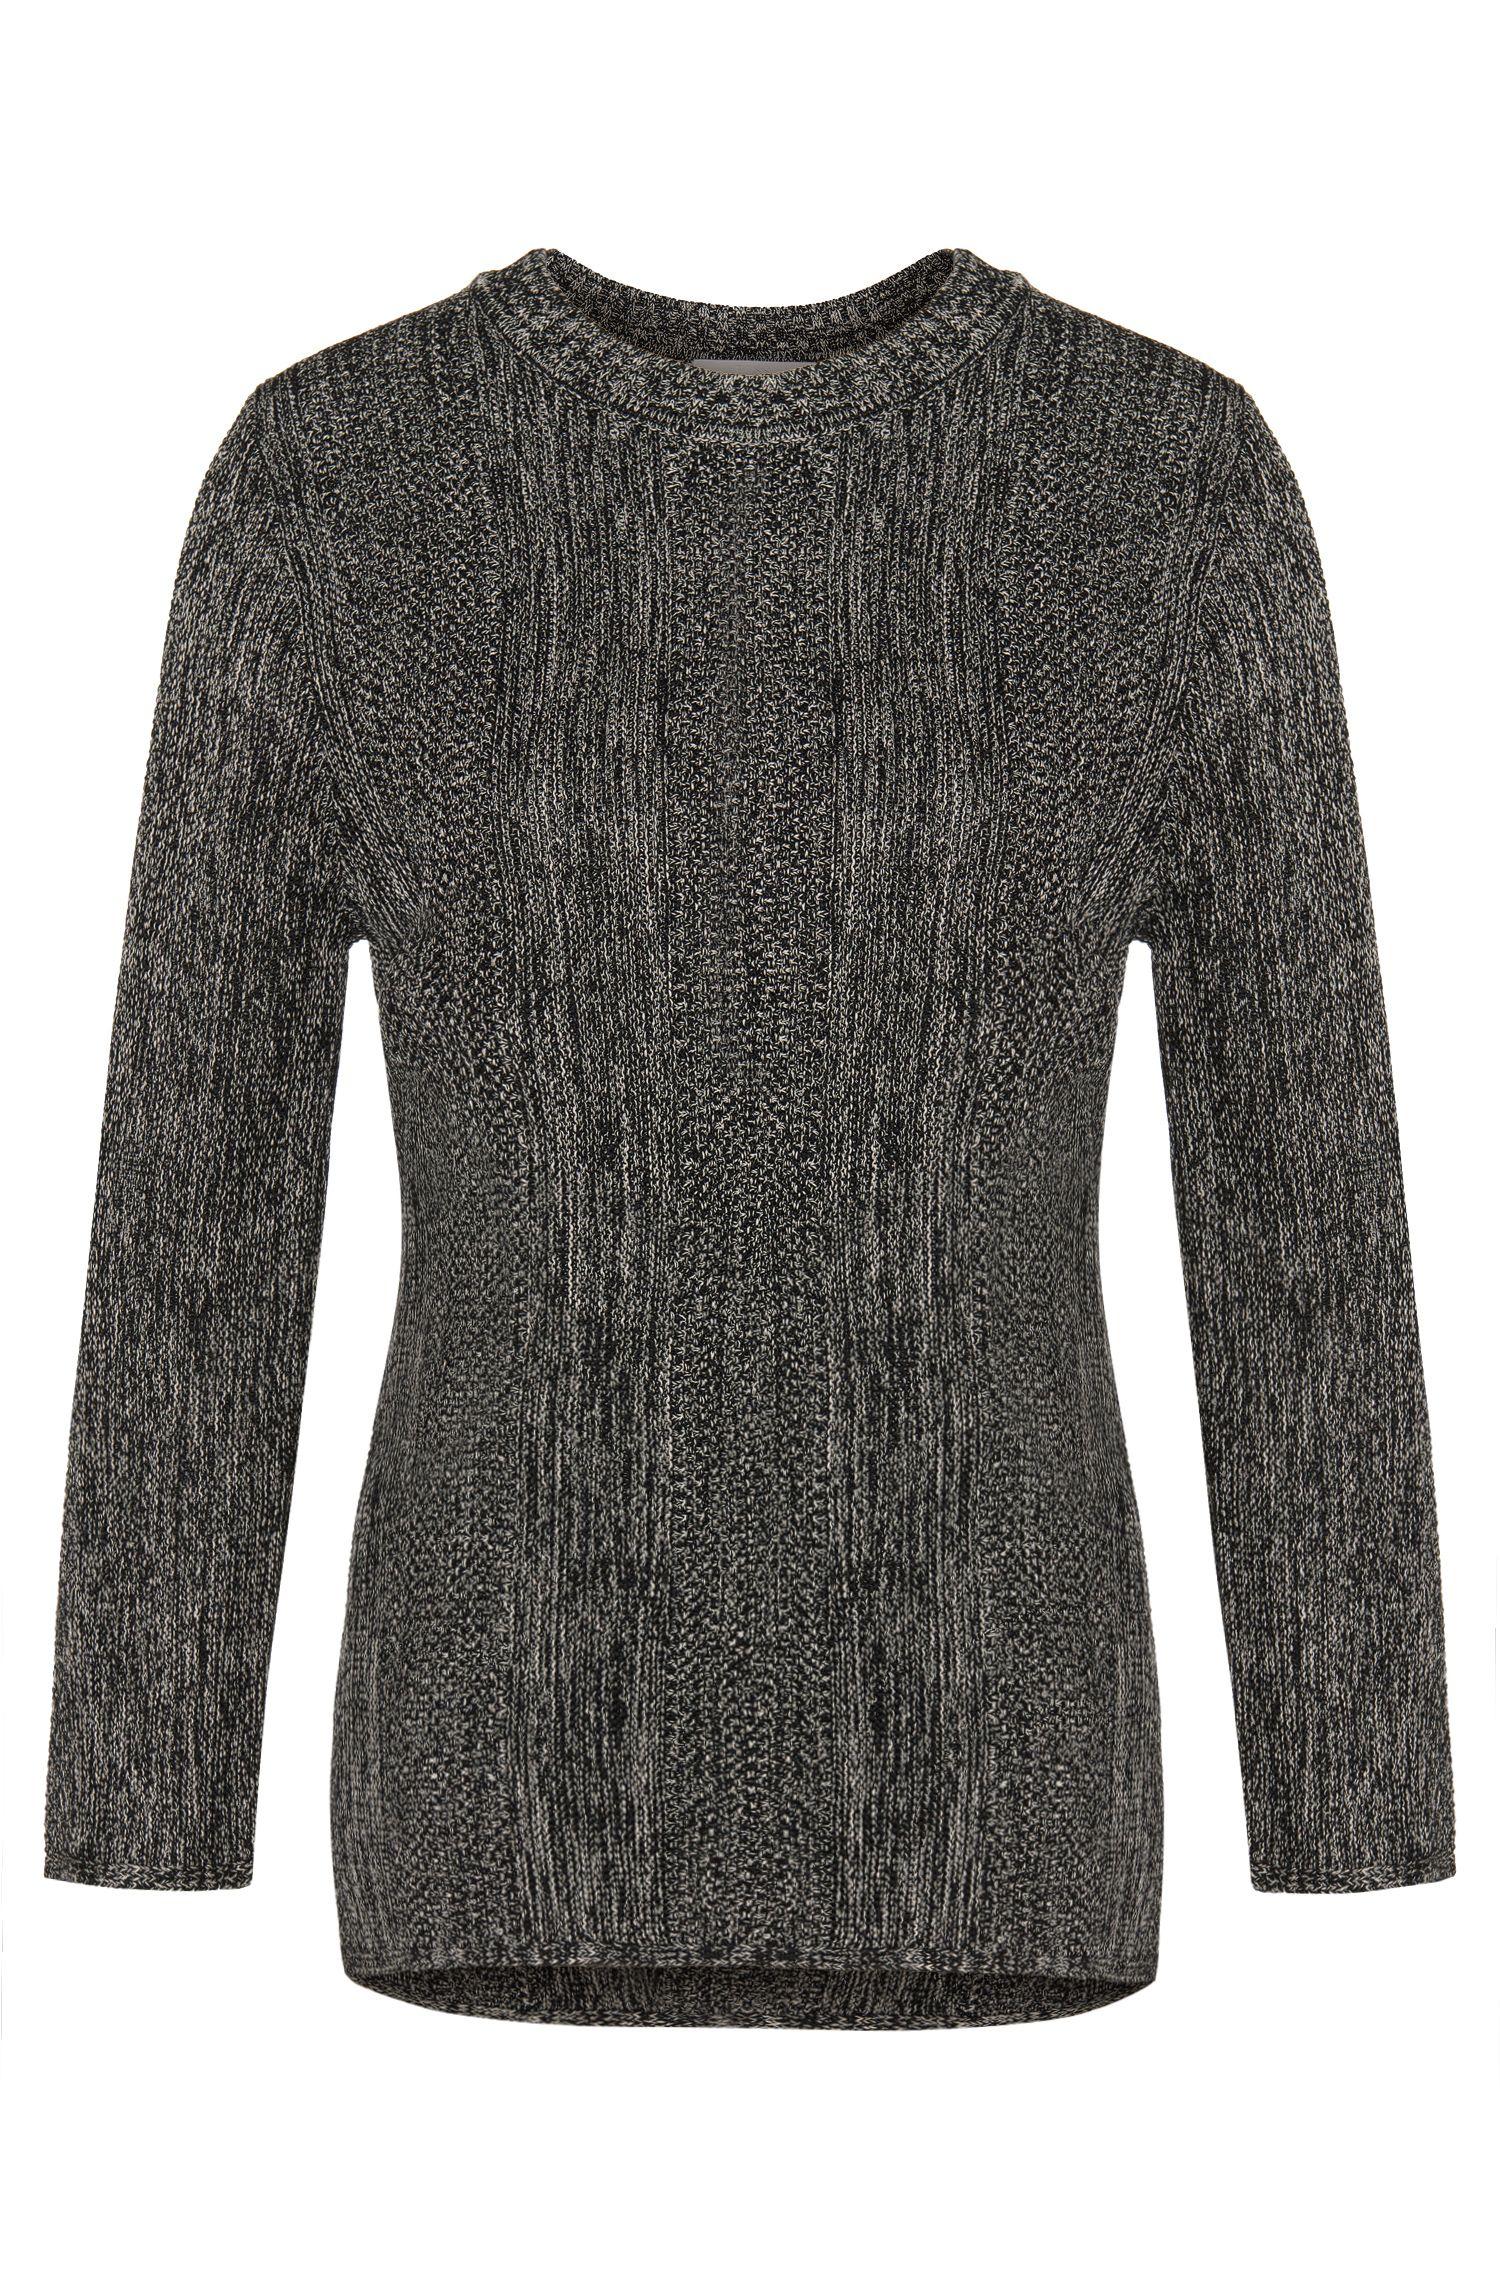 'Firiso'   Cotton Blend Sweater